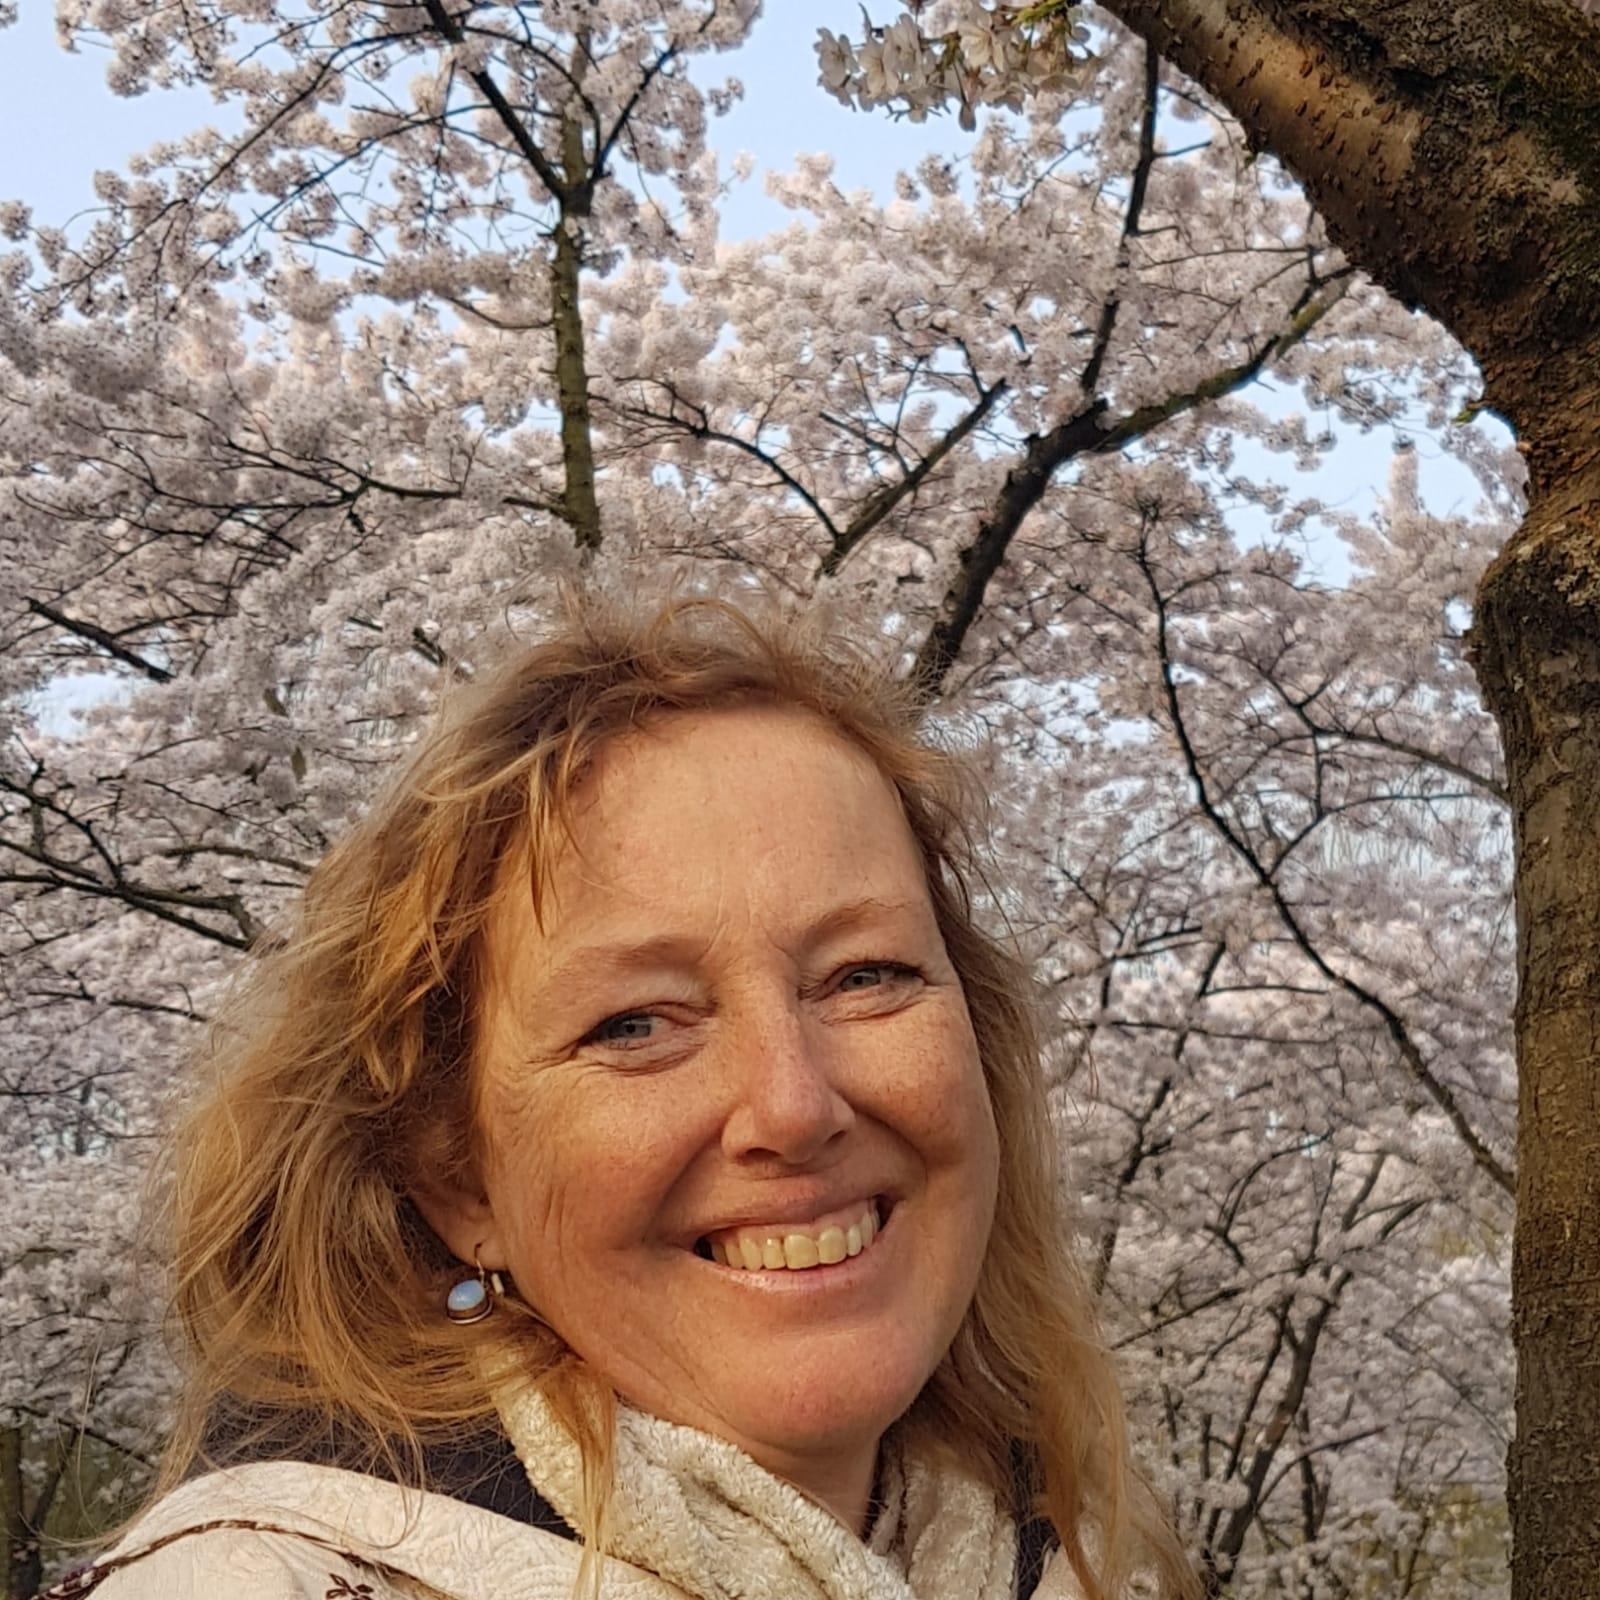 Marga onder bloesemboom